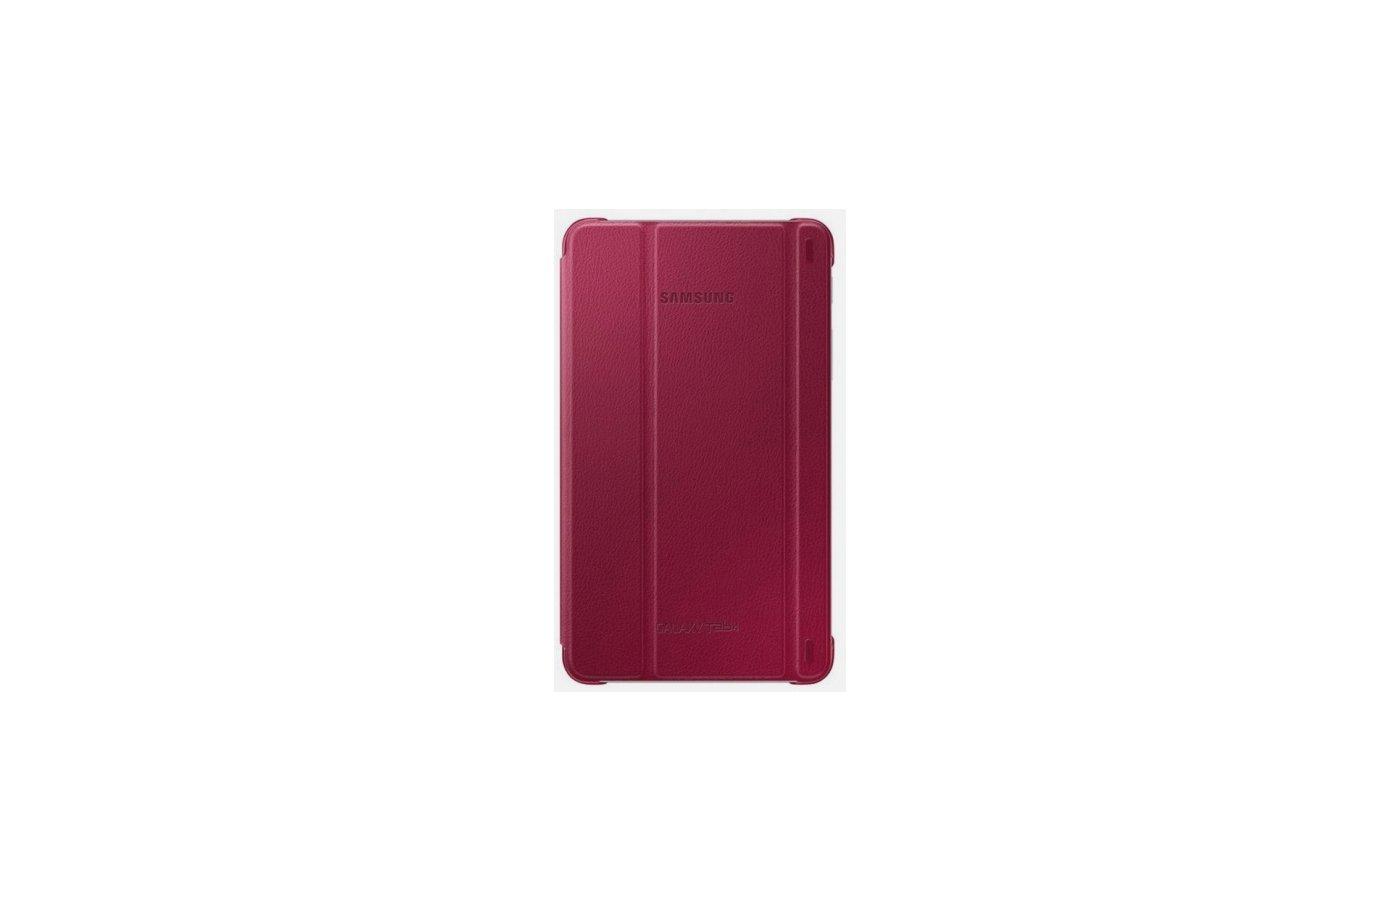 """Чехол для планшетного ПК Samsung для Galaxy Tab 4 7"""" (EF-BT230BPEGRU) SM-T23х красный"""